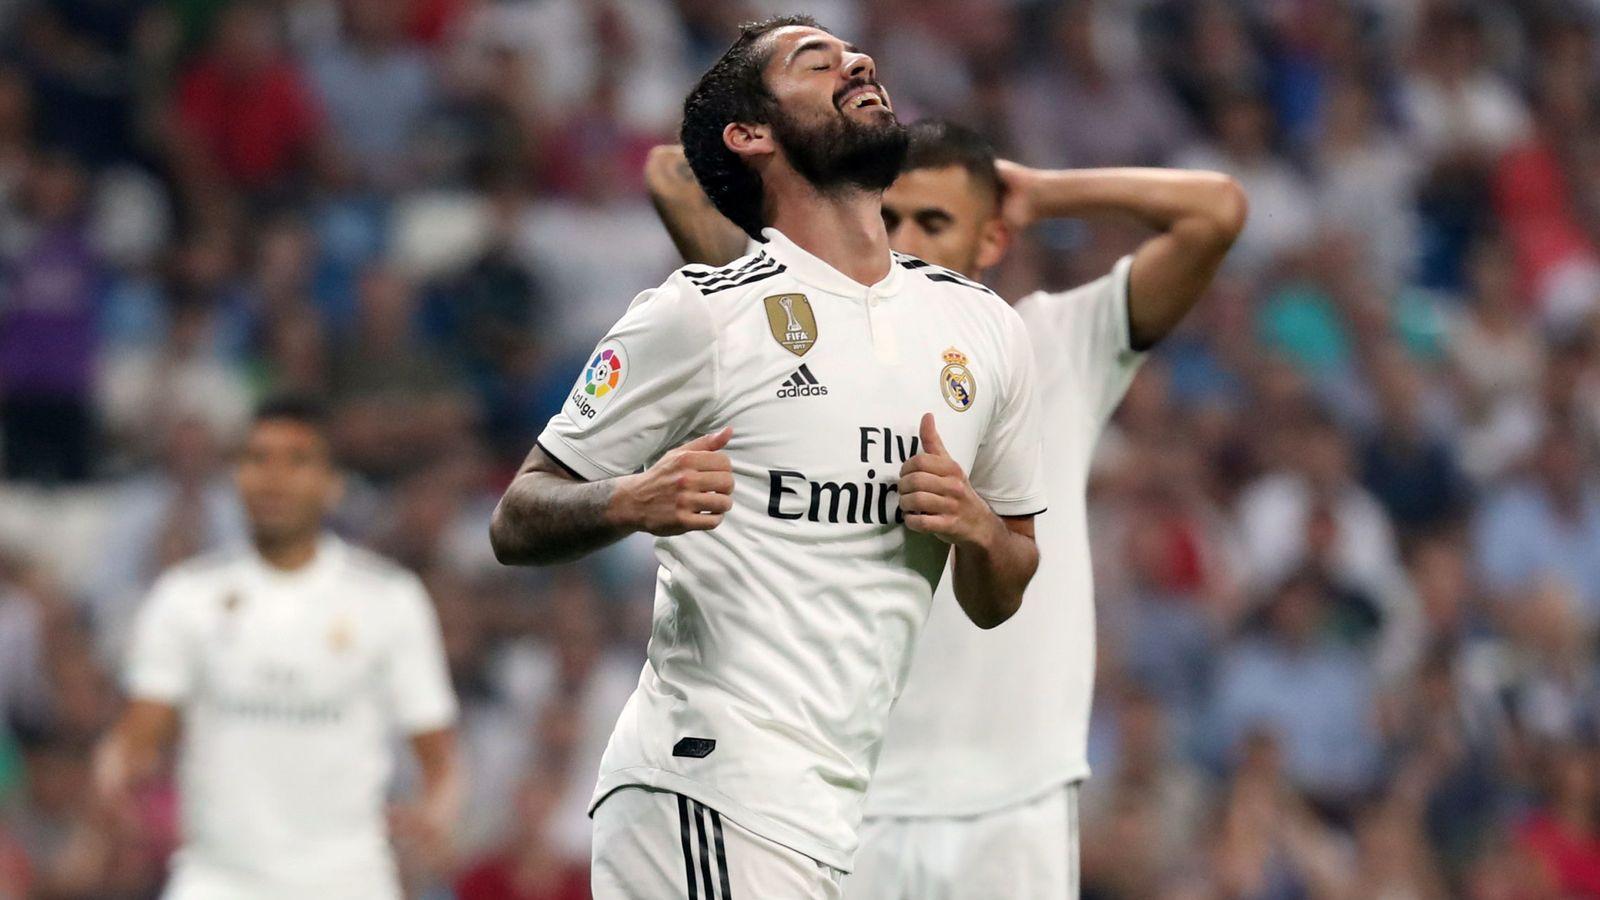 Foto: Isco durante un partido con el Real Madrid en el Bernabéu. (Efe)